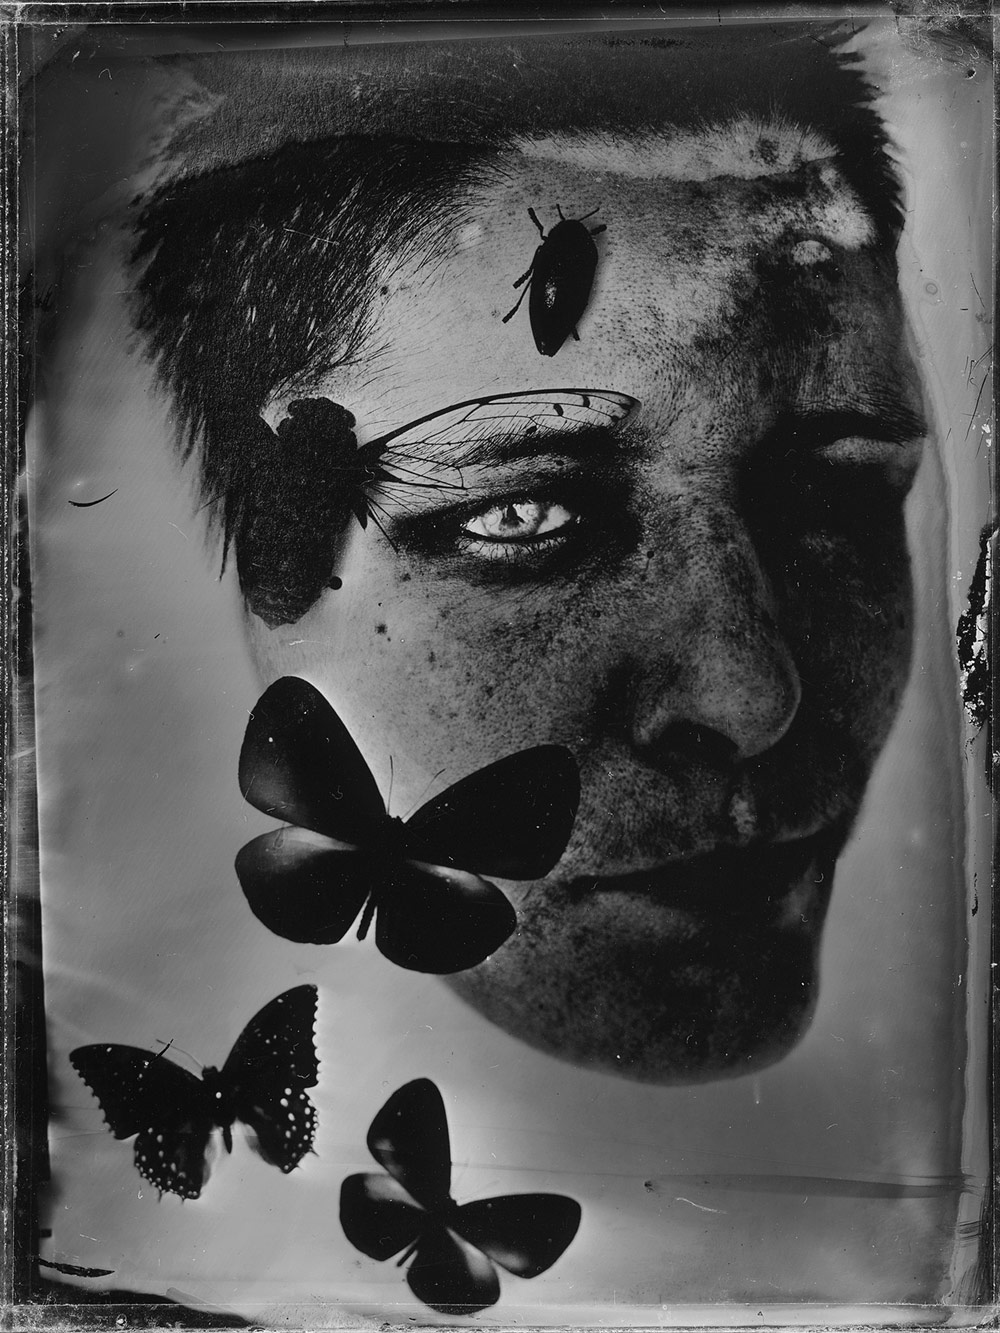 О себе. Гибриды, © Маржена Коларц, Польша, Финалист категории «Профессионал: Автопортреты», Конкурс портретной фотографии «Лица»